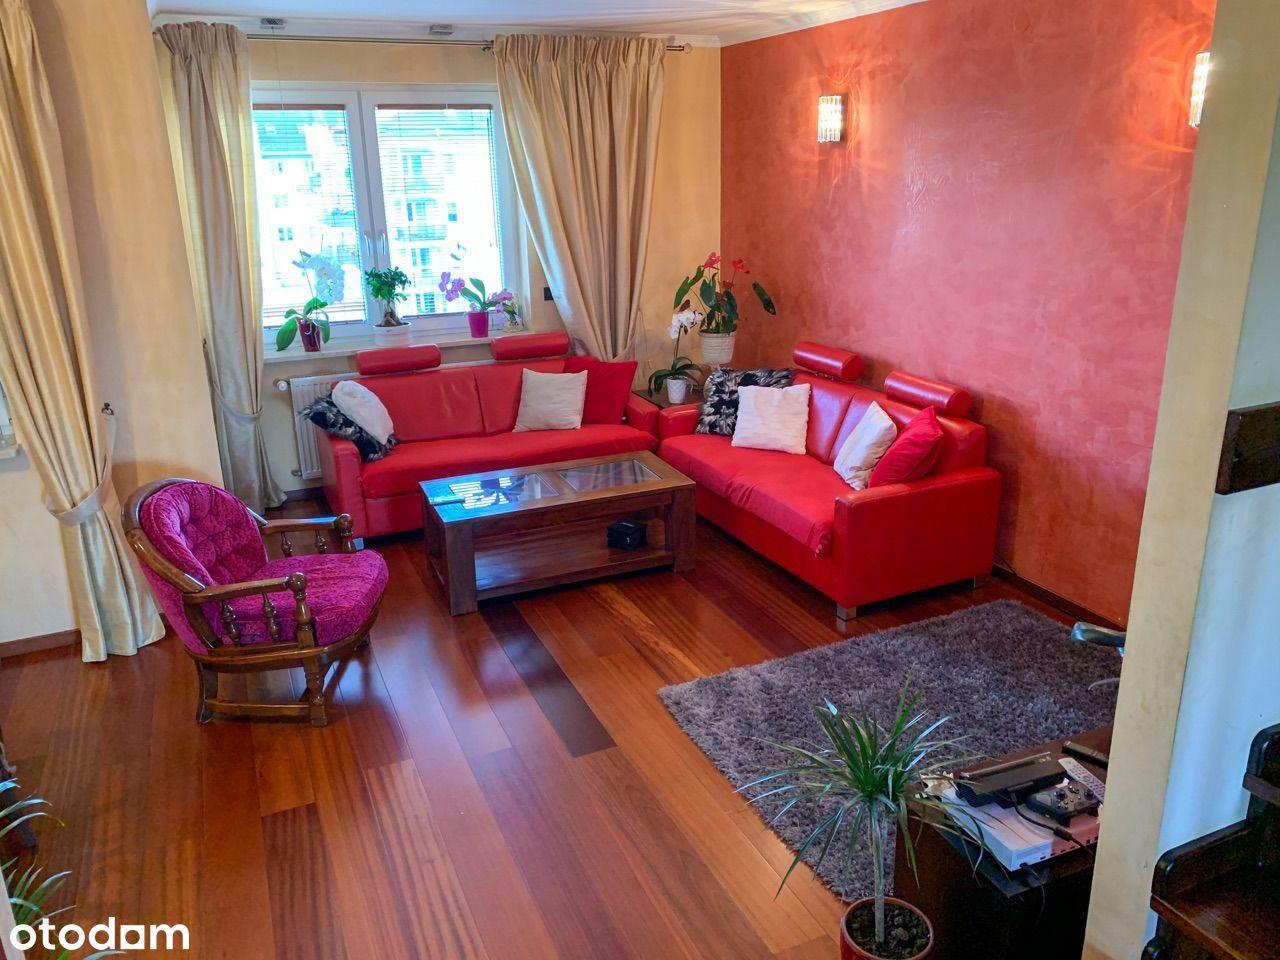 Dwupoziomowe mieszkanie +150m2 piwnica 2 garaże